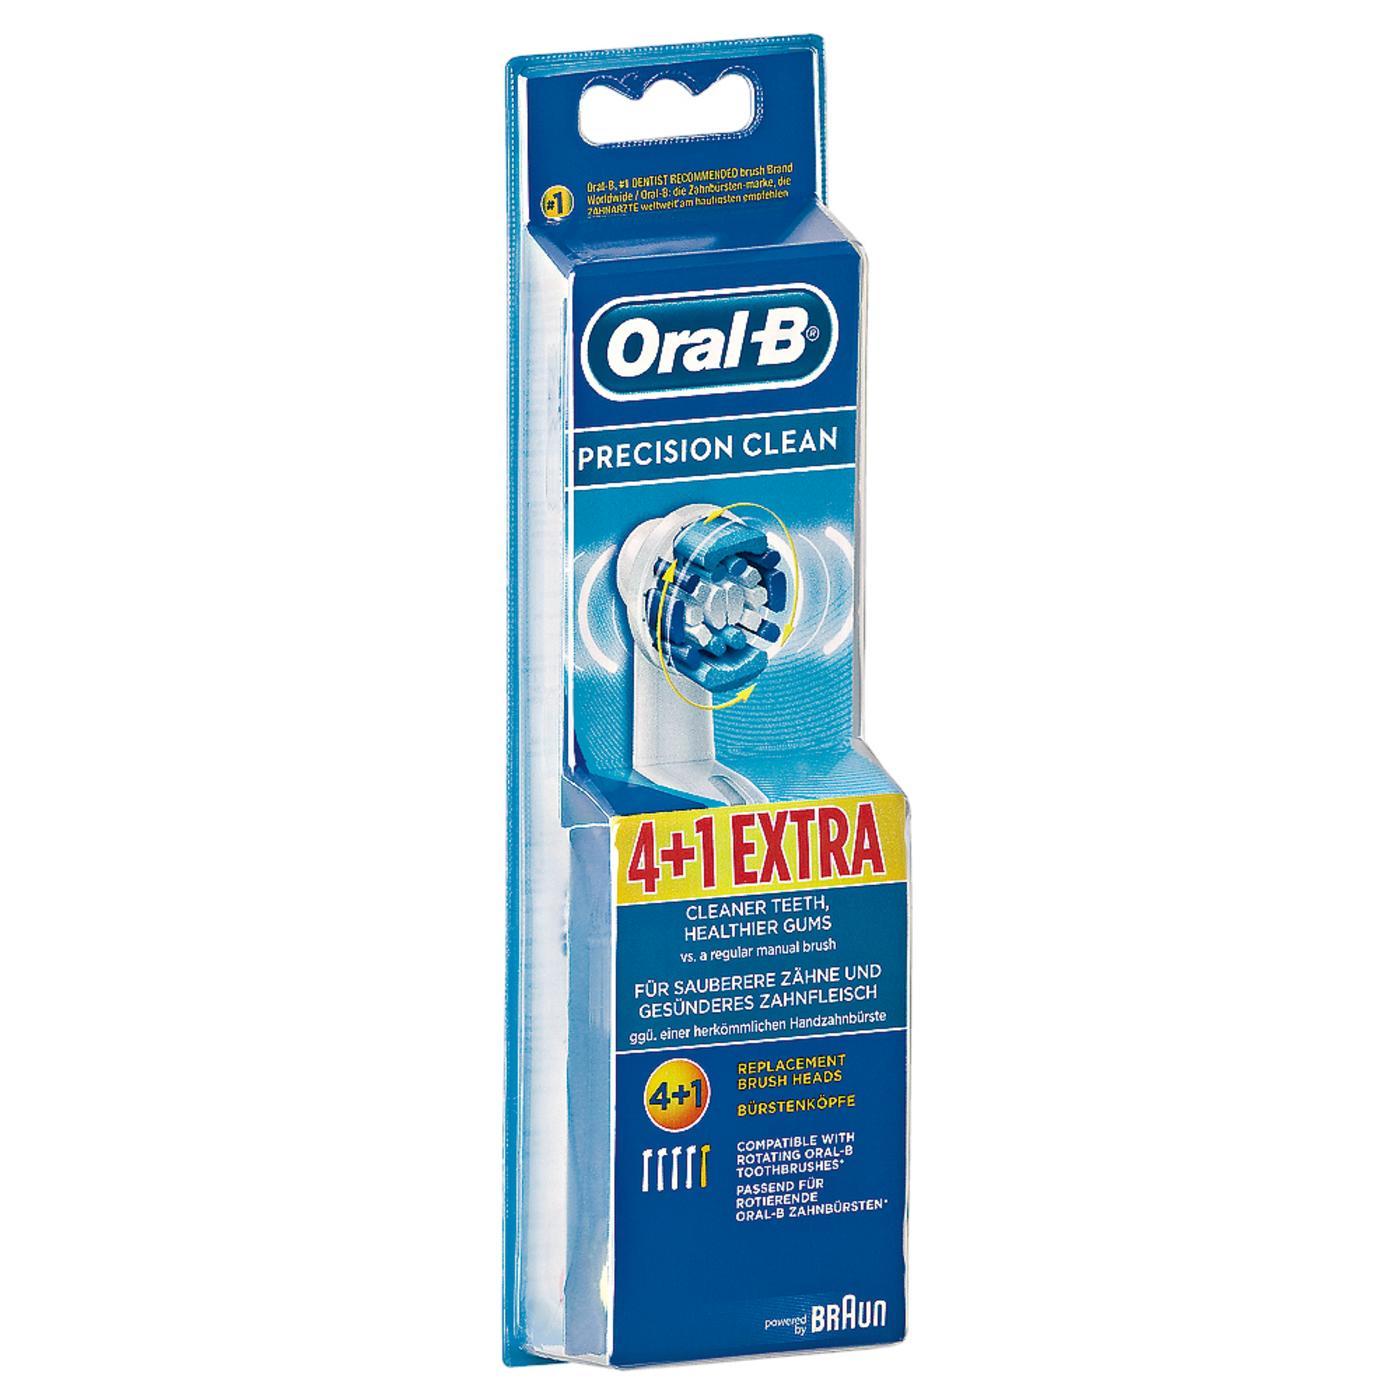 [Rossmann] Ab 09.10: Oral-B Precision Clean Ersatzbürsten 5 Stück für 8,95€